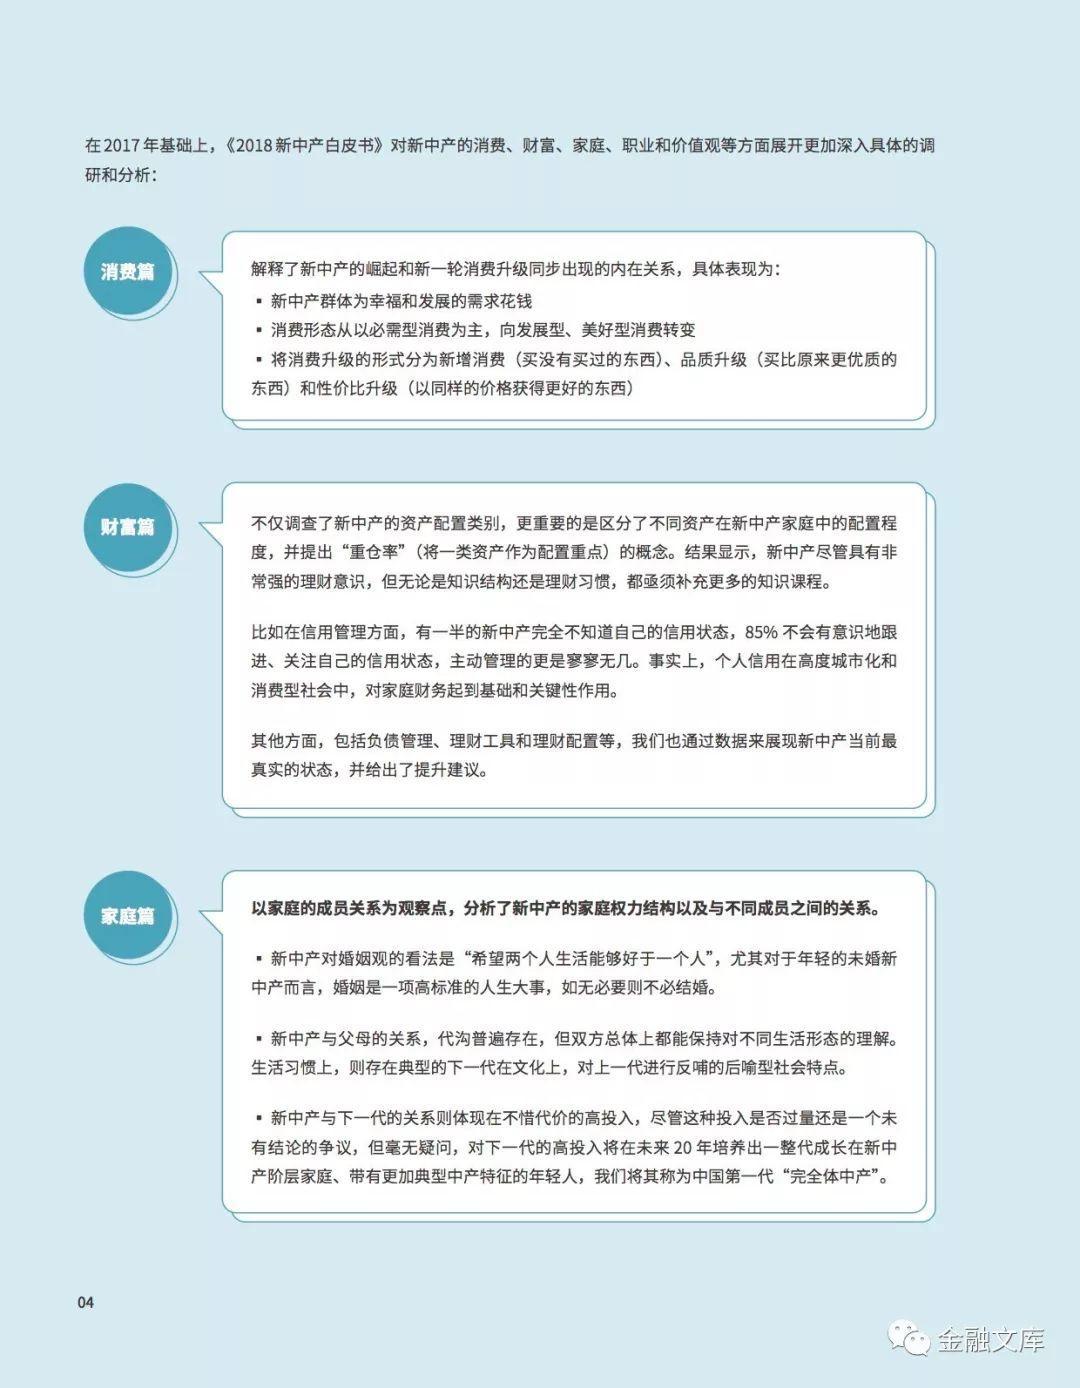 吴晓波频道:2018新中产白皮书